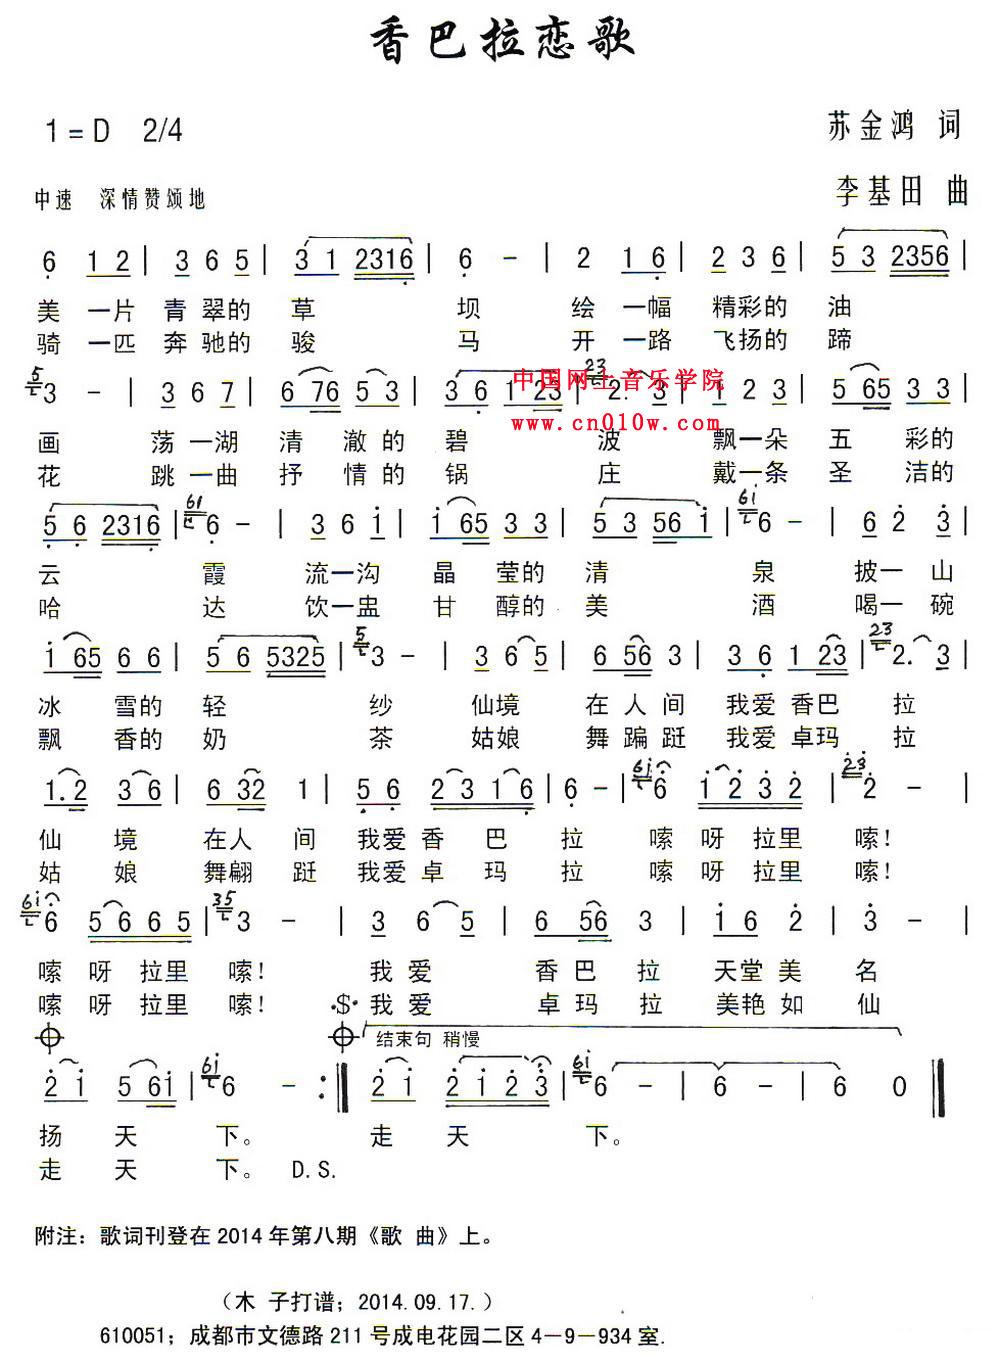 民歌曲谱 香巴拉恋歌民歌曲谱 香巴拉恋歌下载简谱下载&n